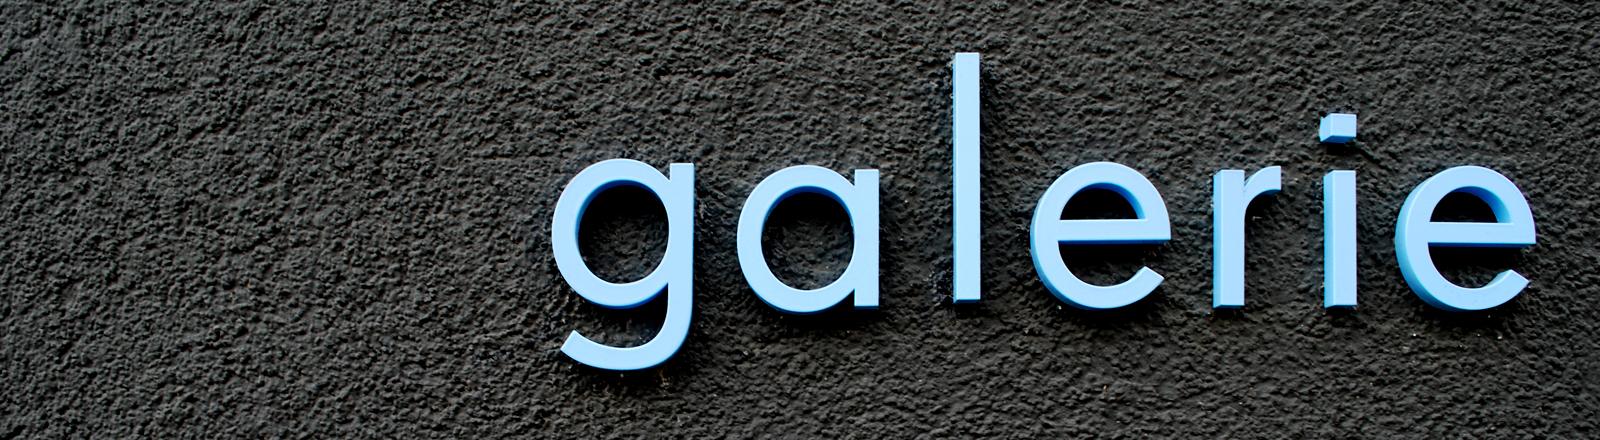 Das Wort Galerie als Leuchtschrift auf einer dunkelgrauen Wand